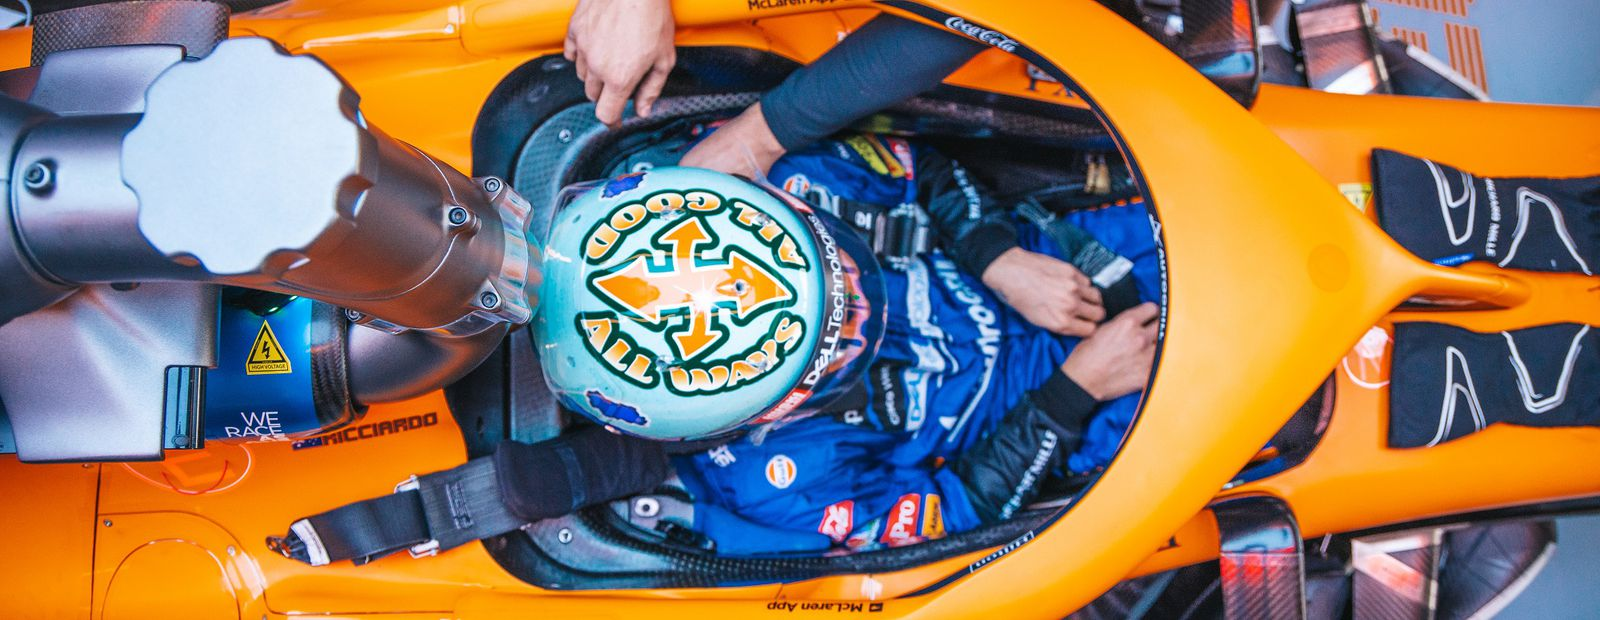 McLaren Unboxed